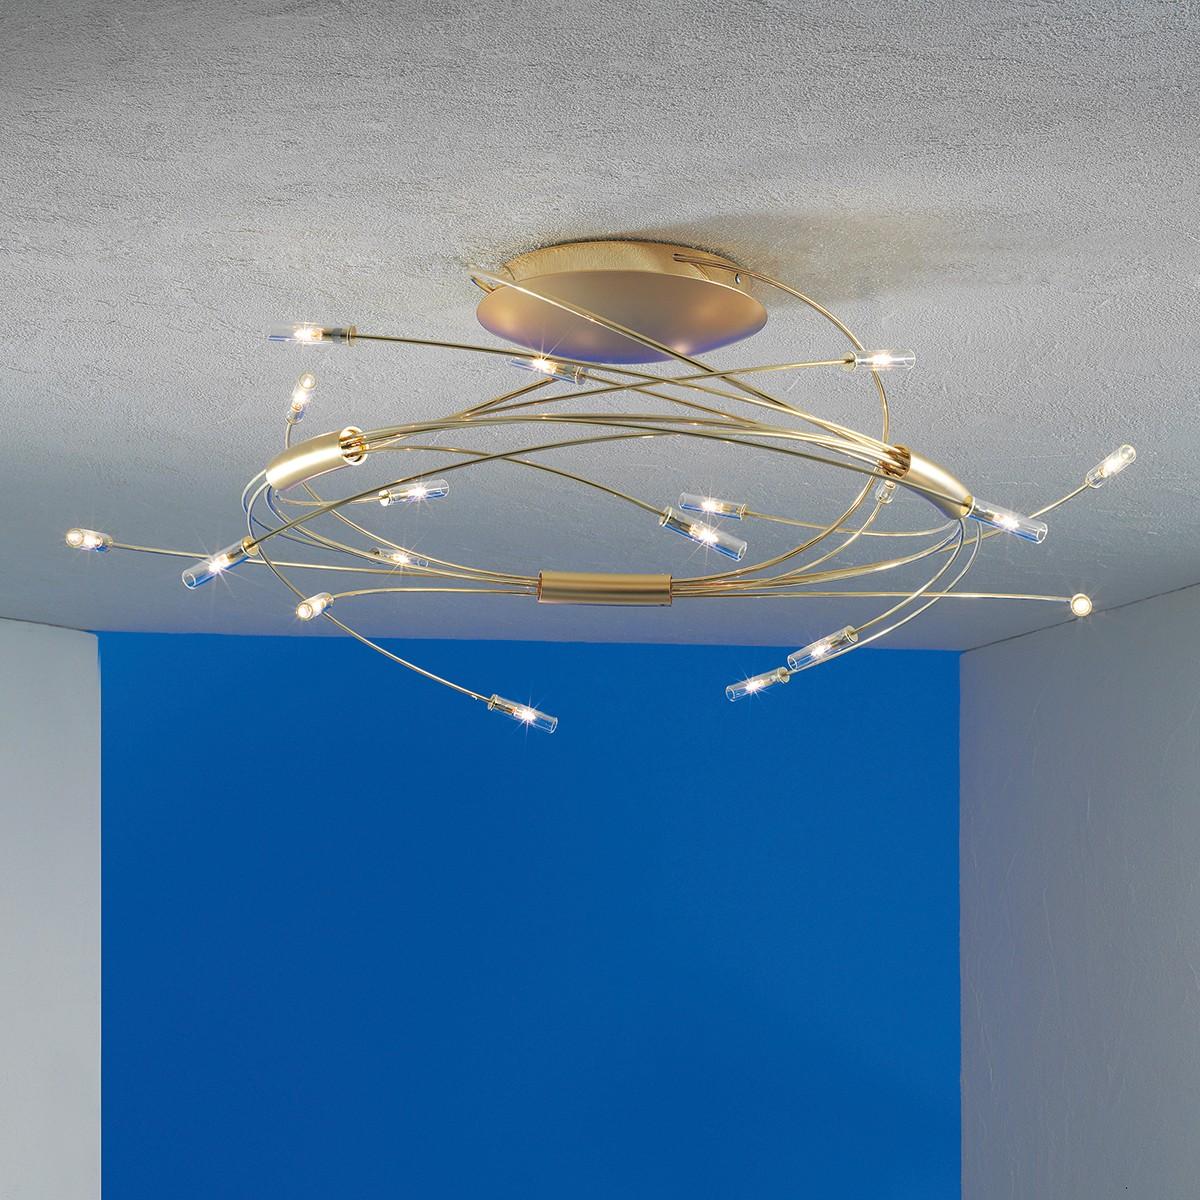 Escale Spin Deckenleuchte, vergoldet, 18-flg.